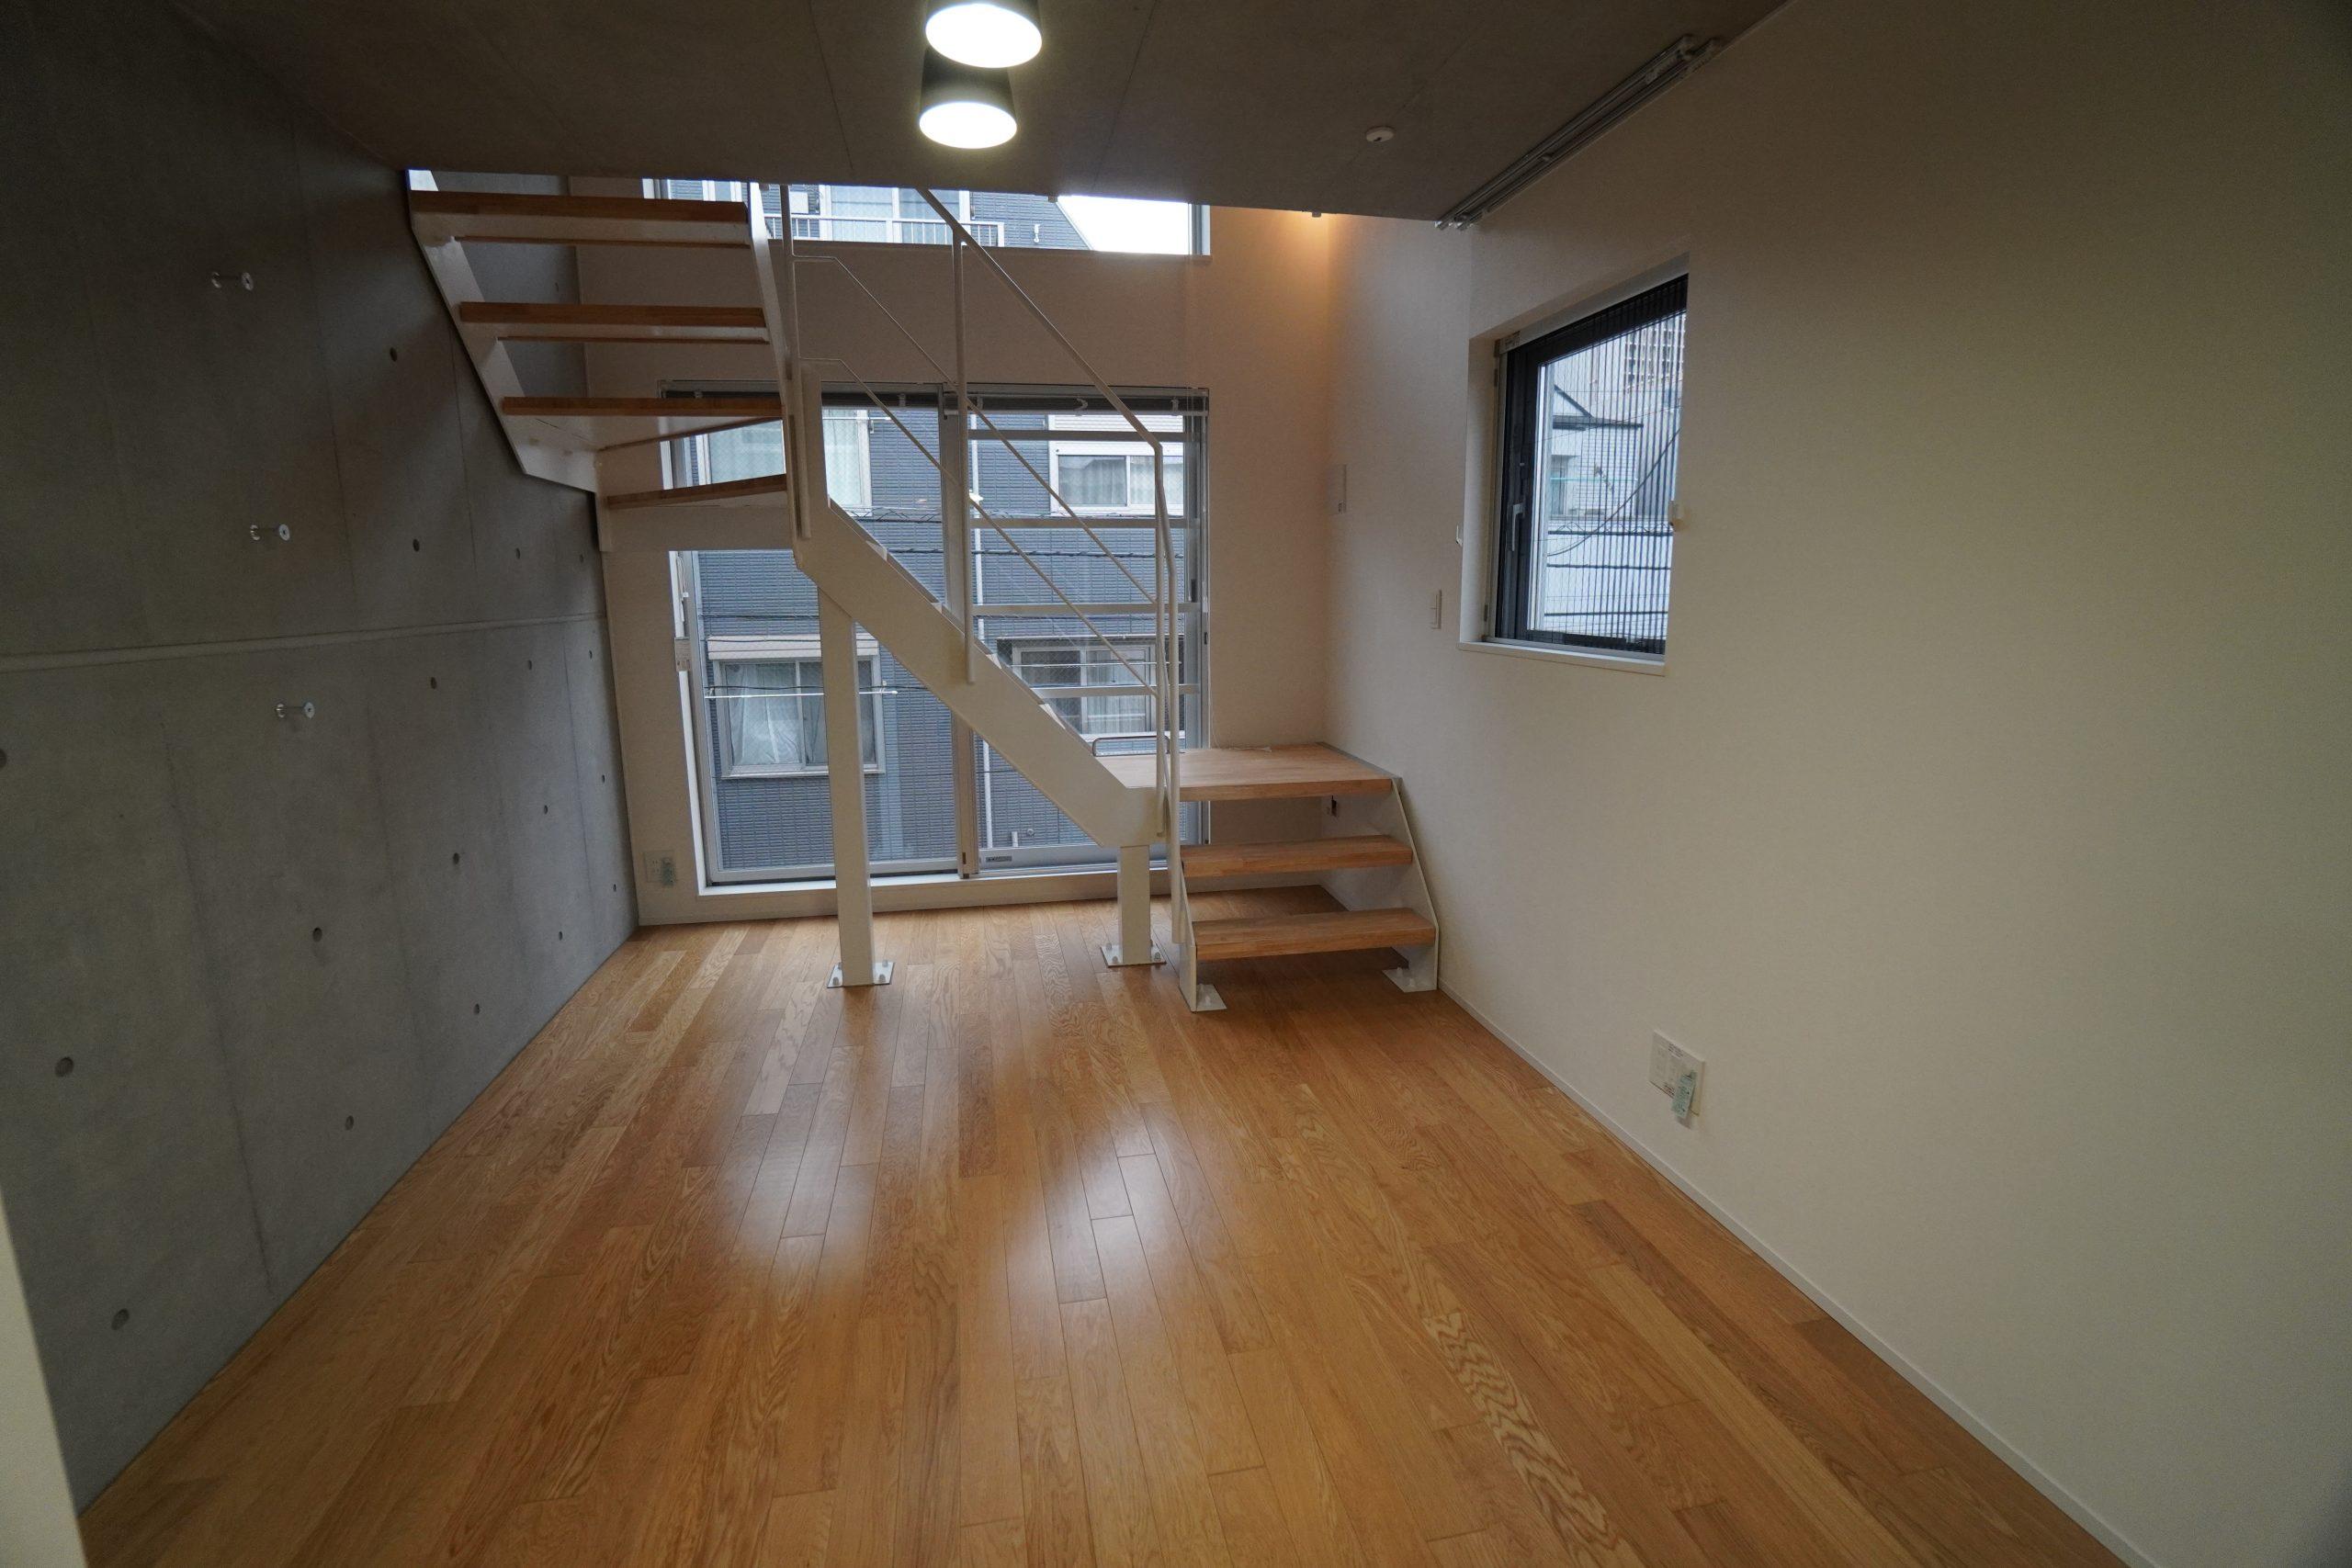 PASEO新宿三丁目I 301の写真6